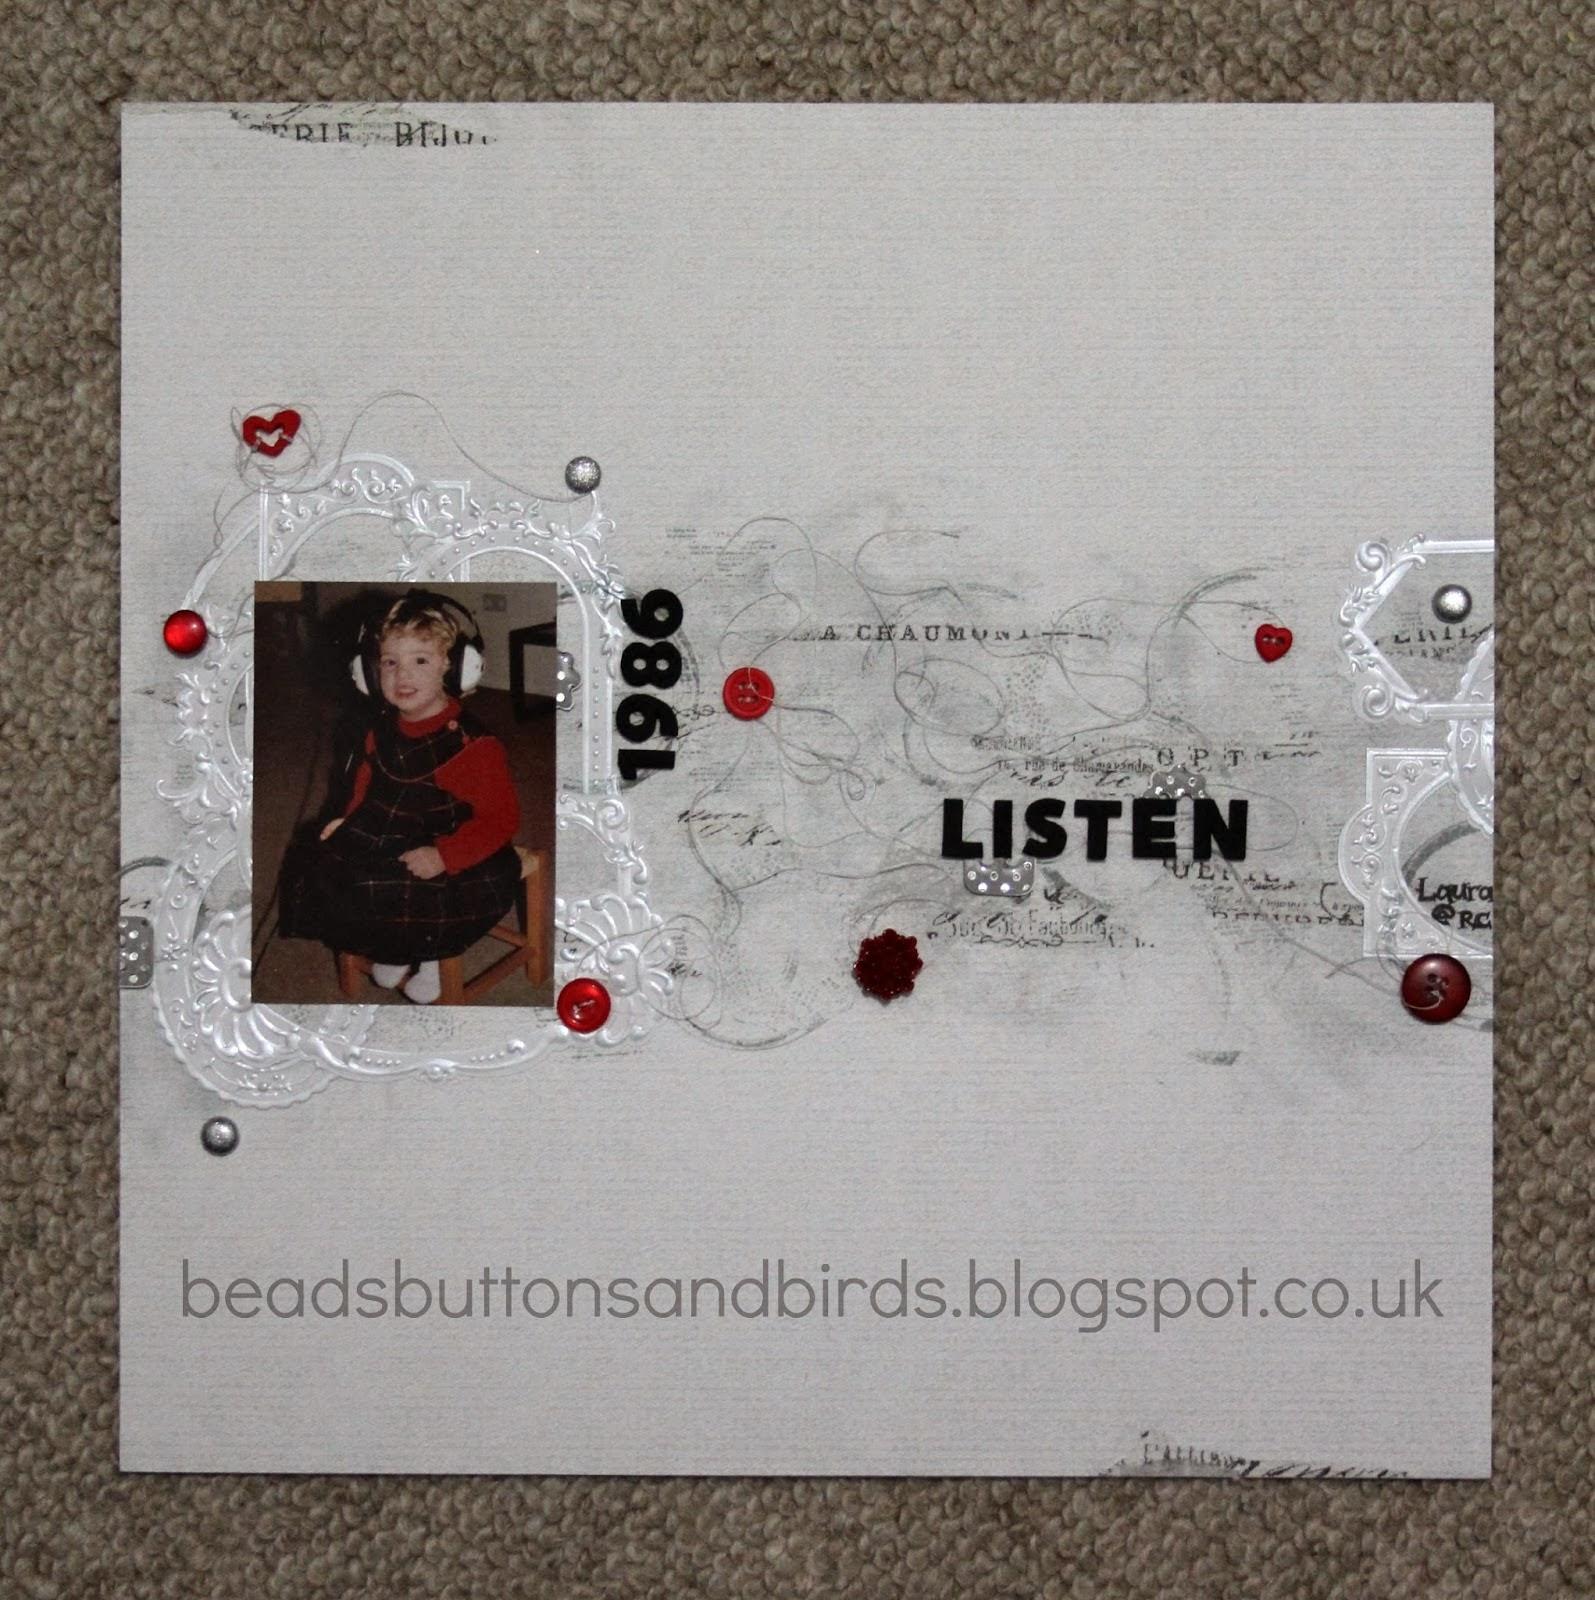 http://beadsbuttonsandbirds.blogspot.co.uk/2014/01/listen.html